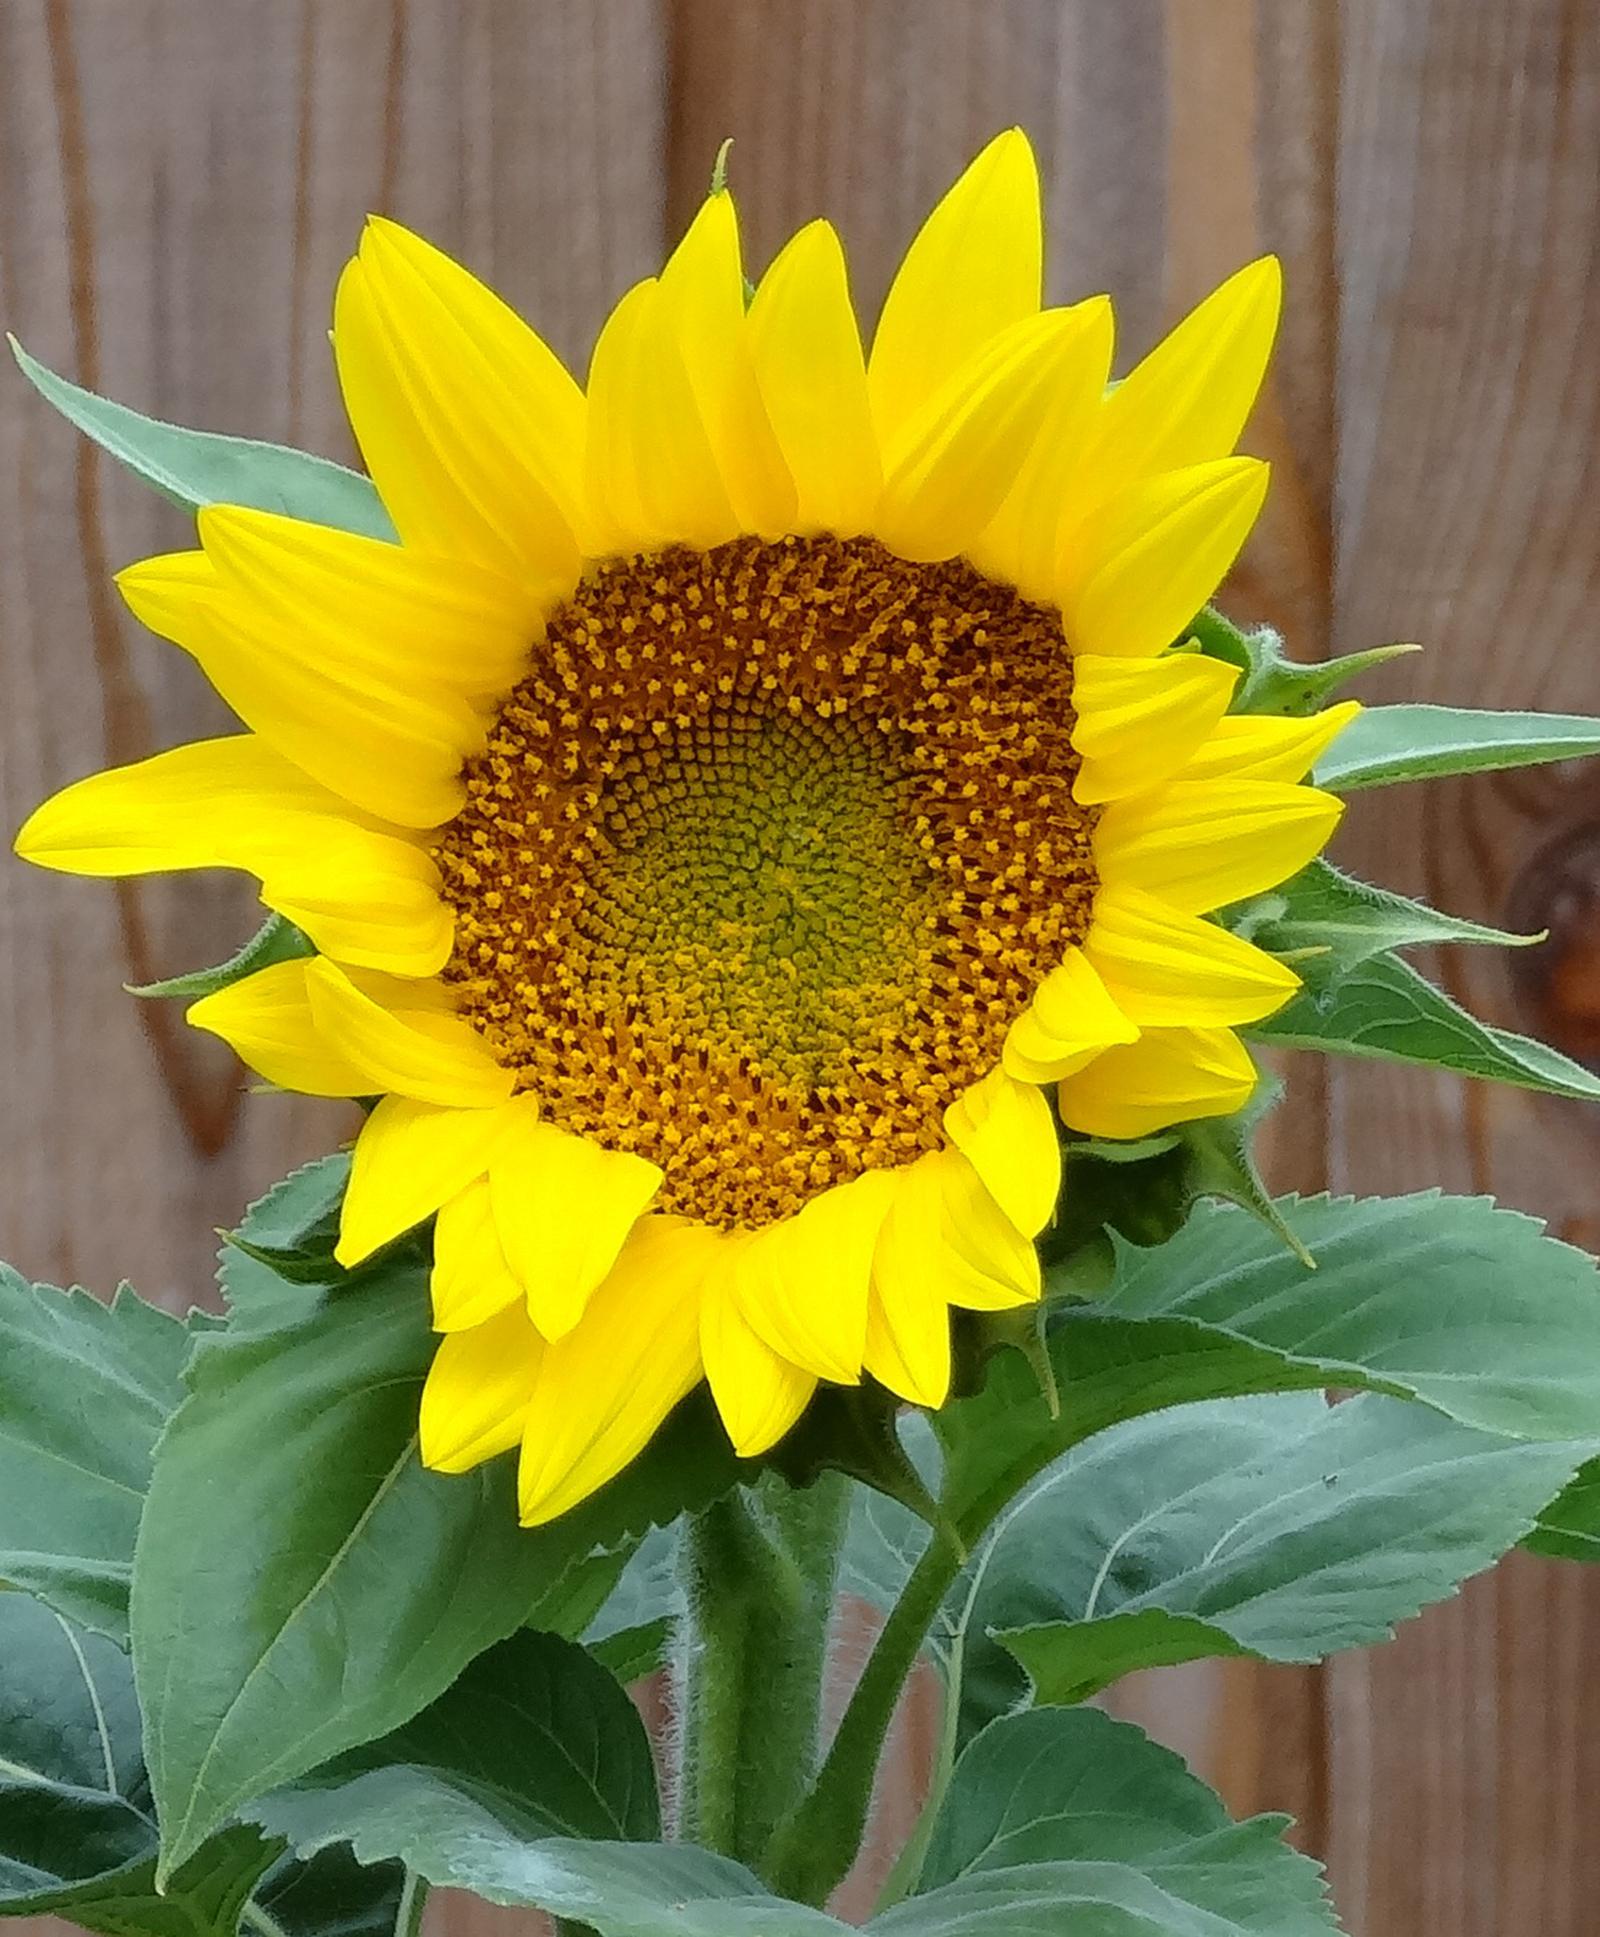 Sunflower crop1x1 1600ppi